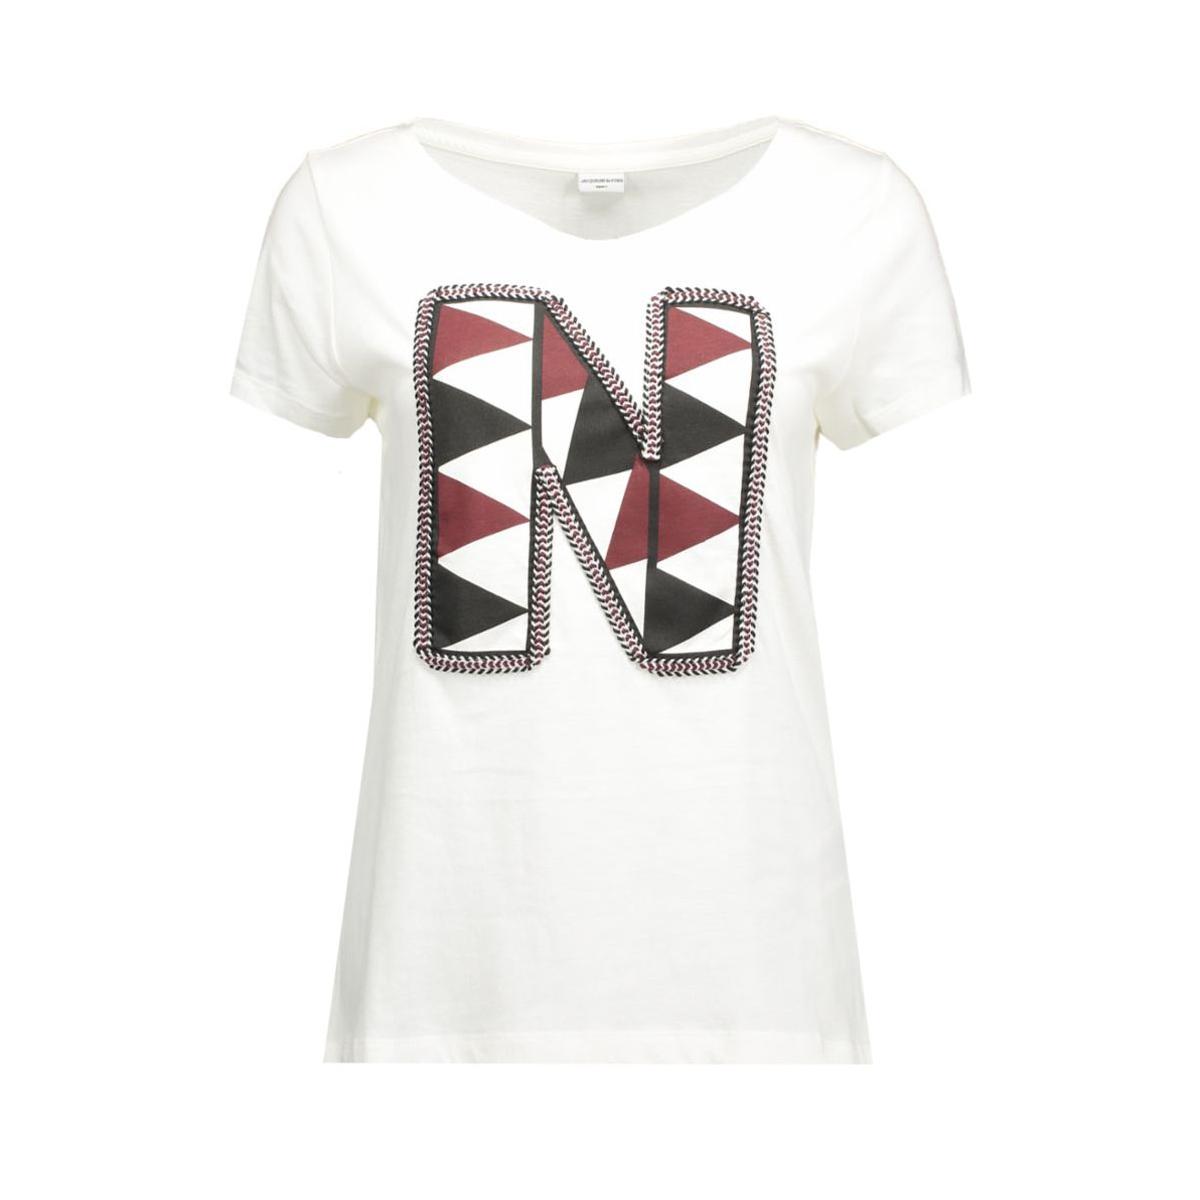 jdyclaire s/s print top jrs 15120276 jacqueline de yong t-shirt cloud dancer/n